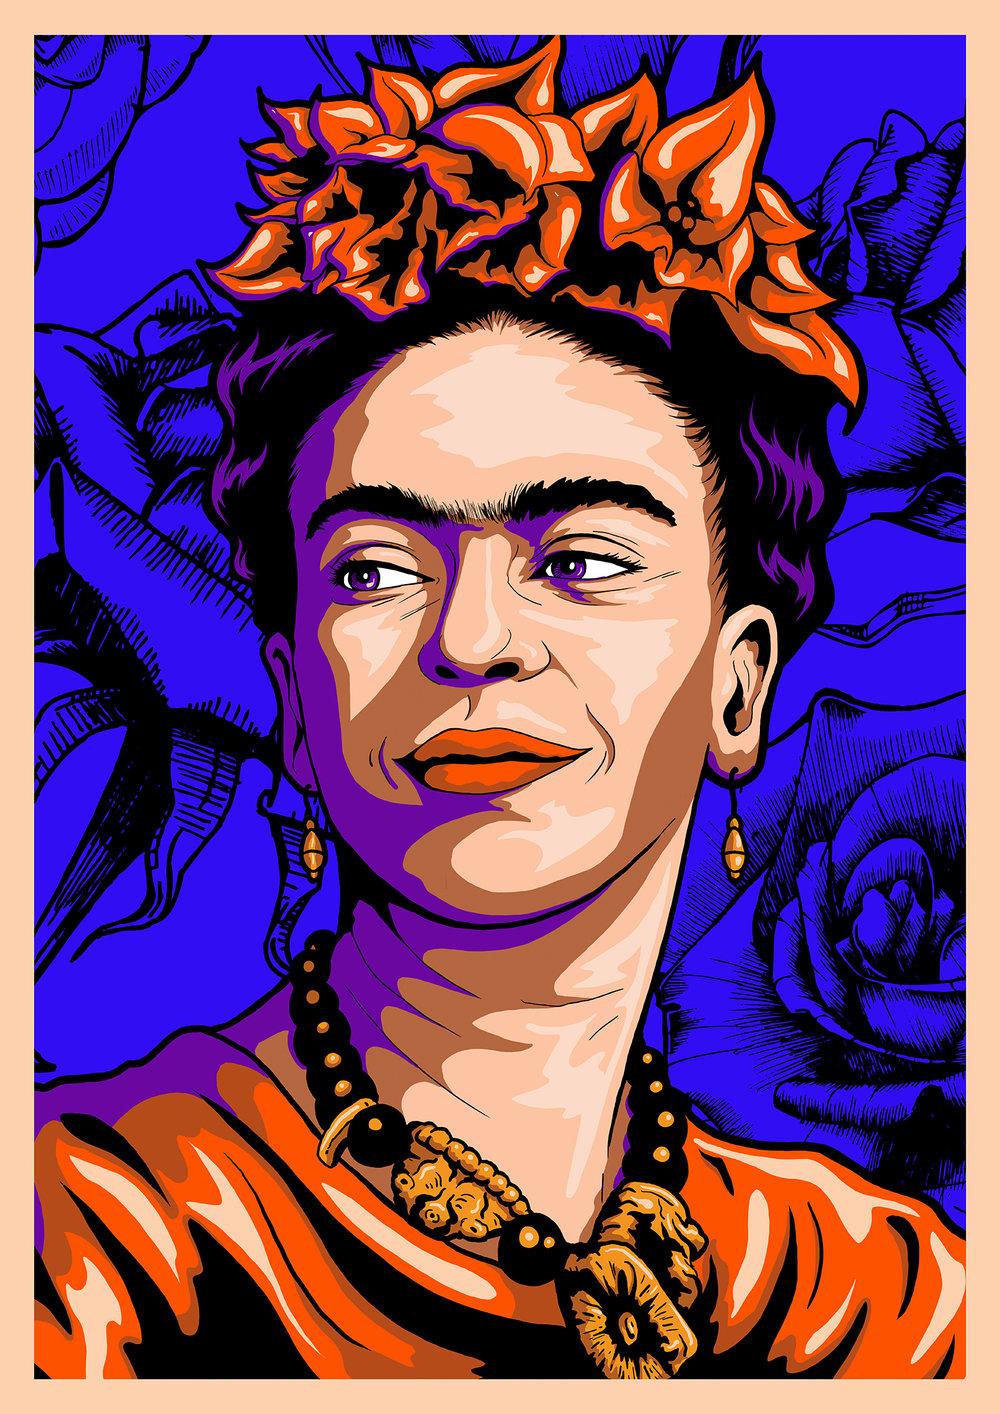 Frida-Poster-01.jpg